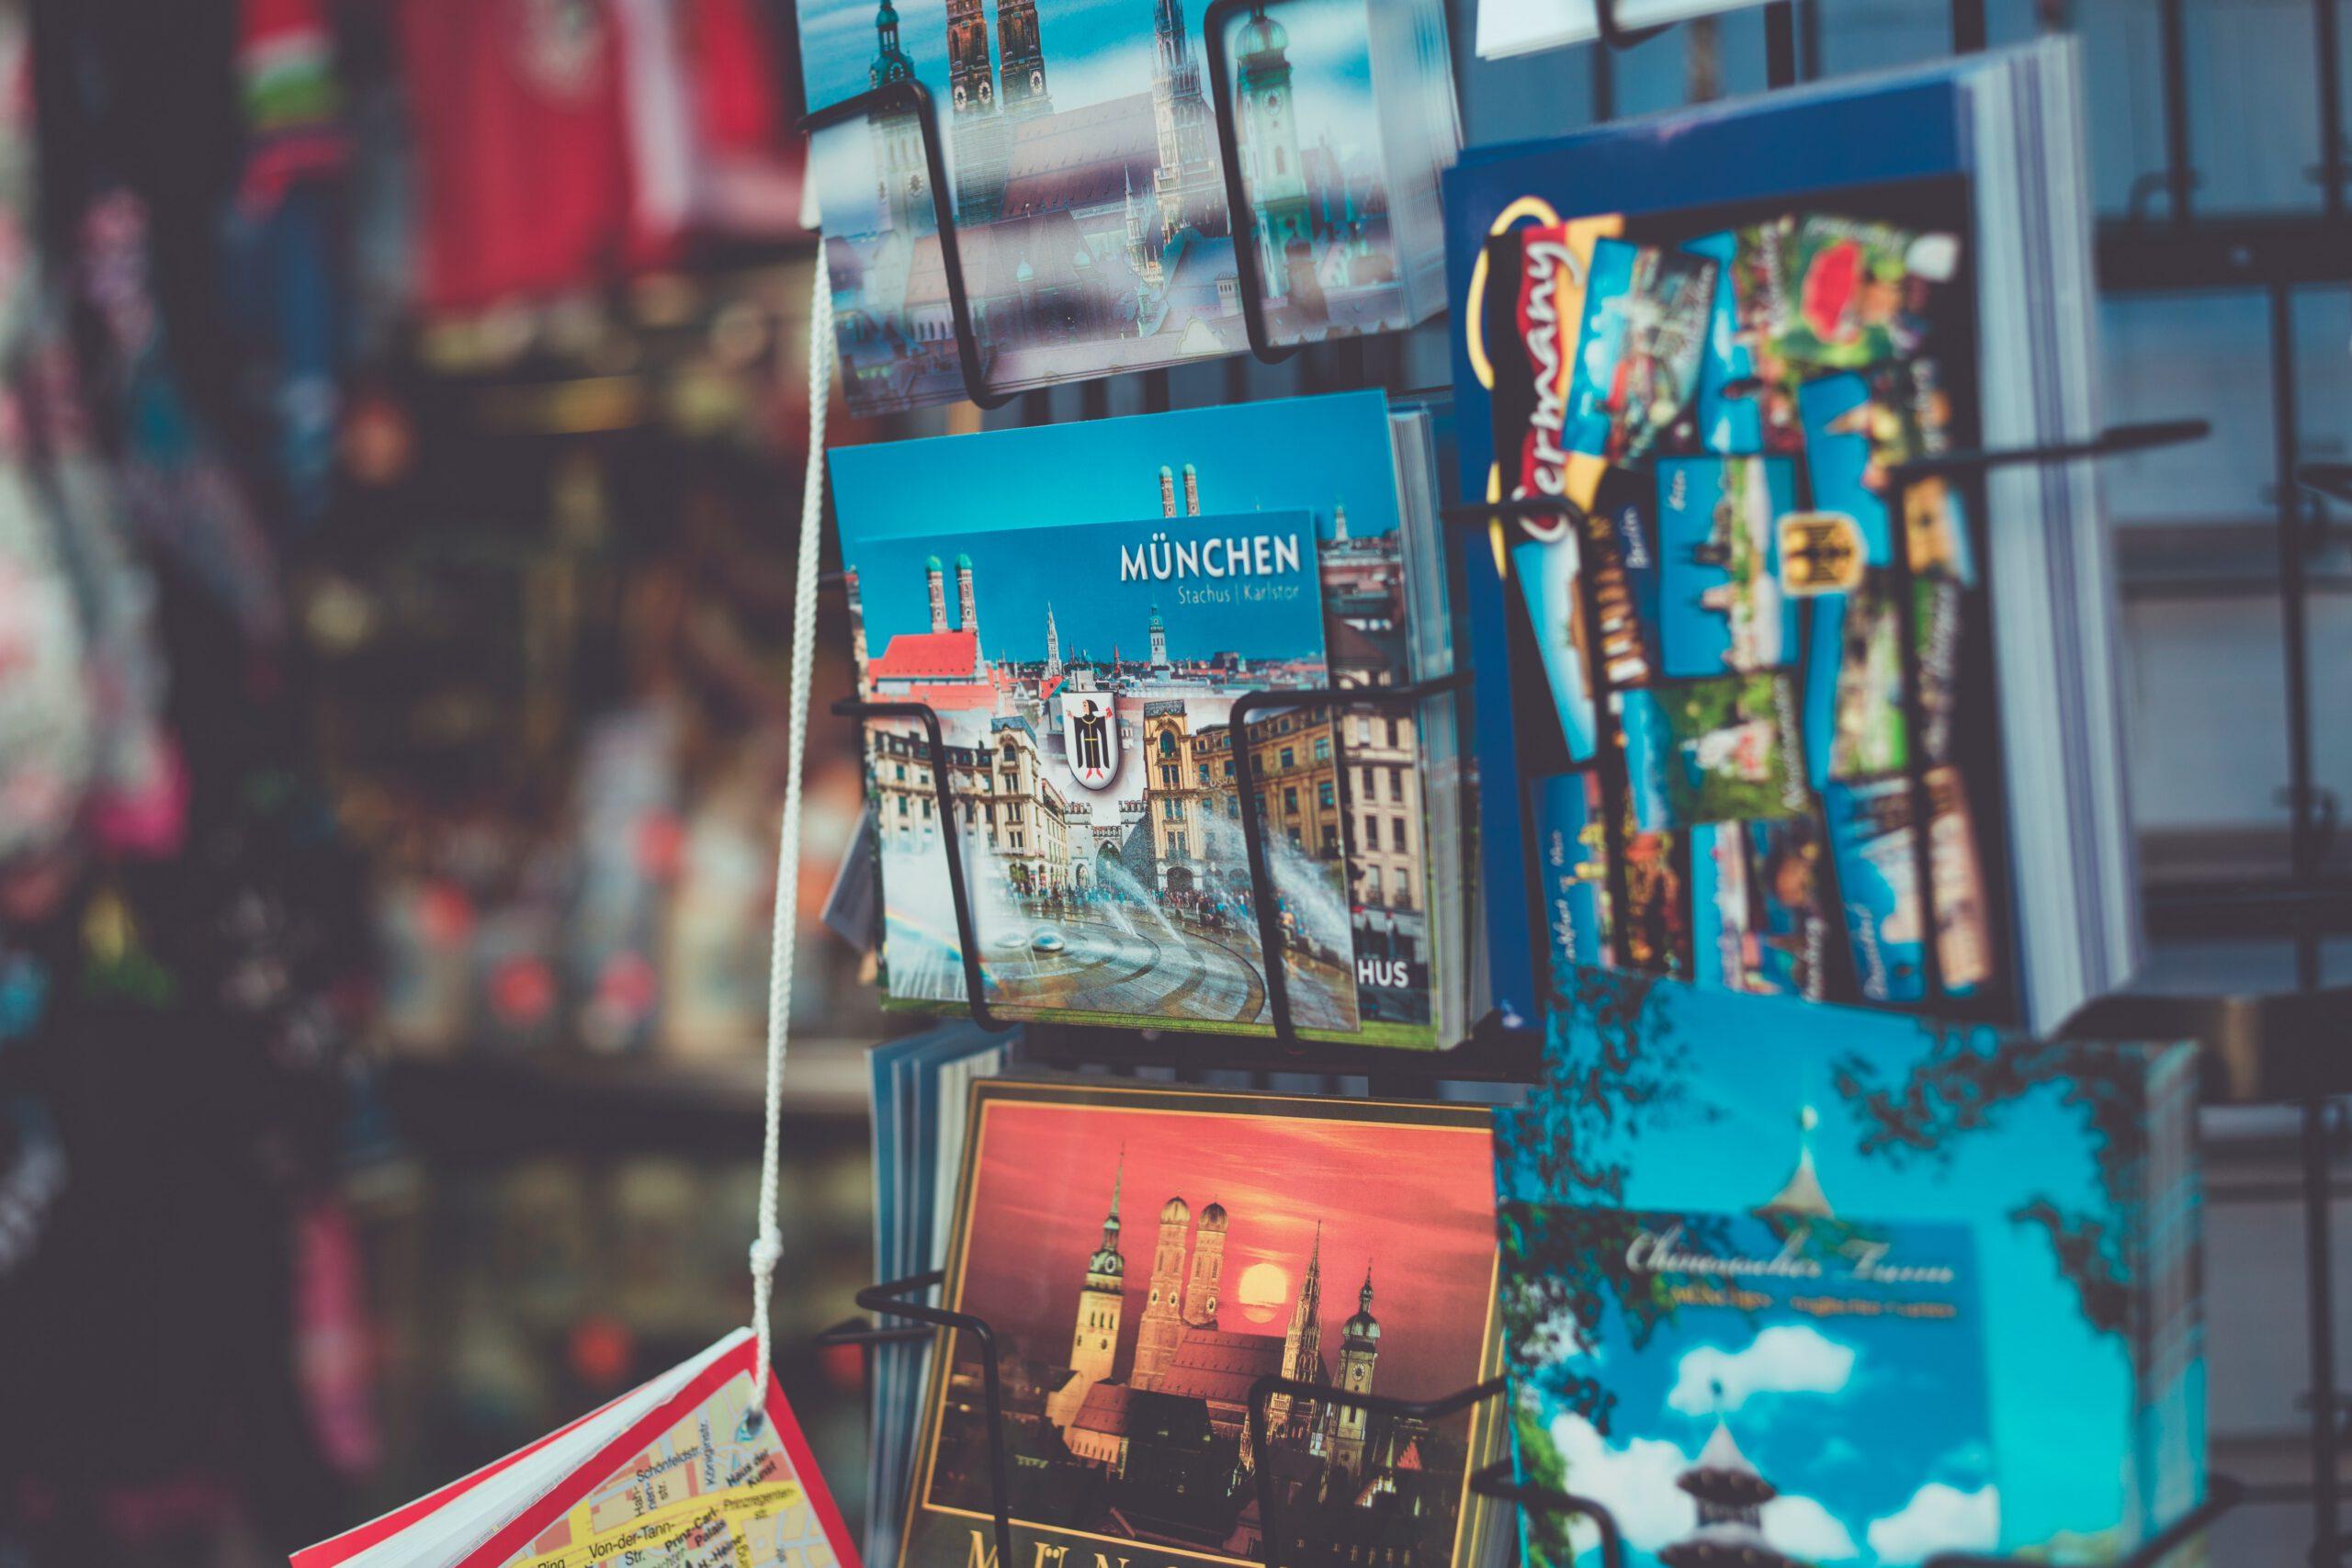 Innerdeutscher Tourismus Tourismus Turn Unsplash Postkarte